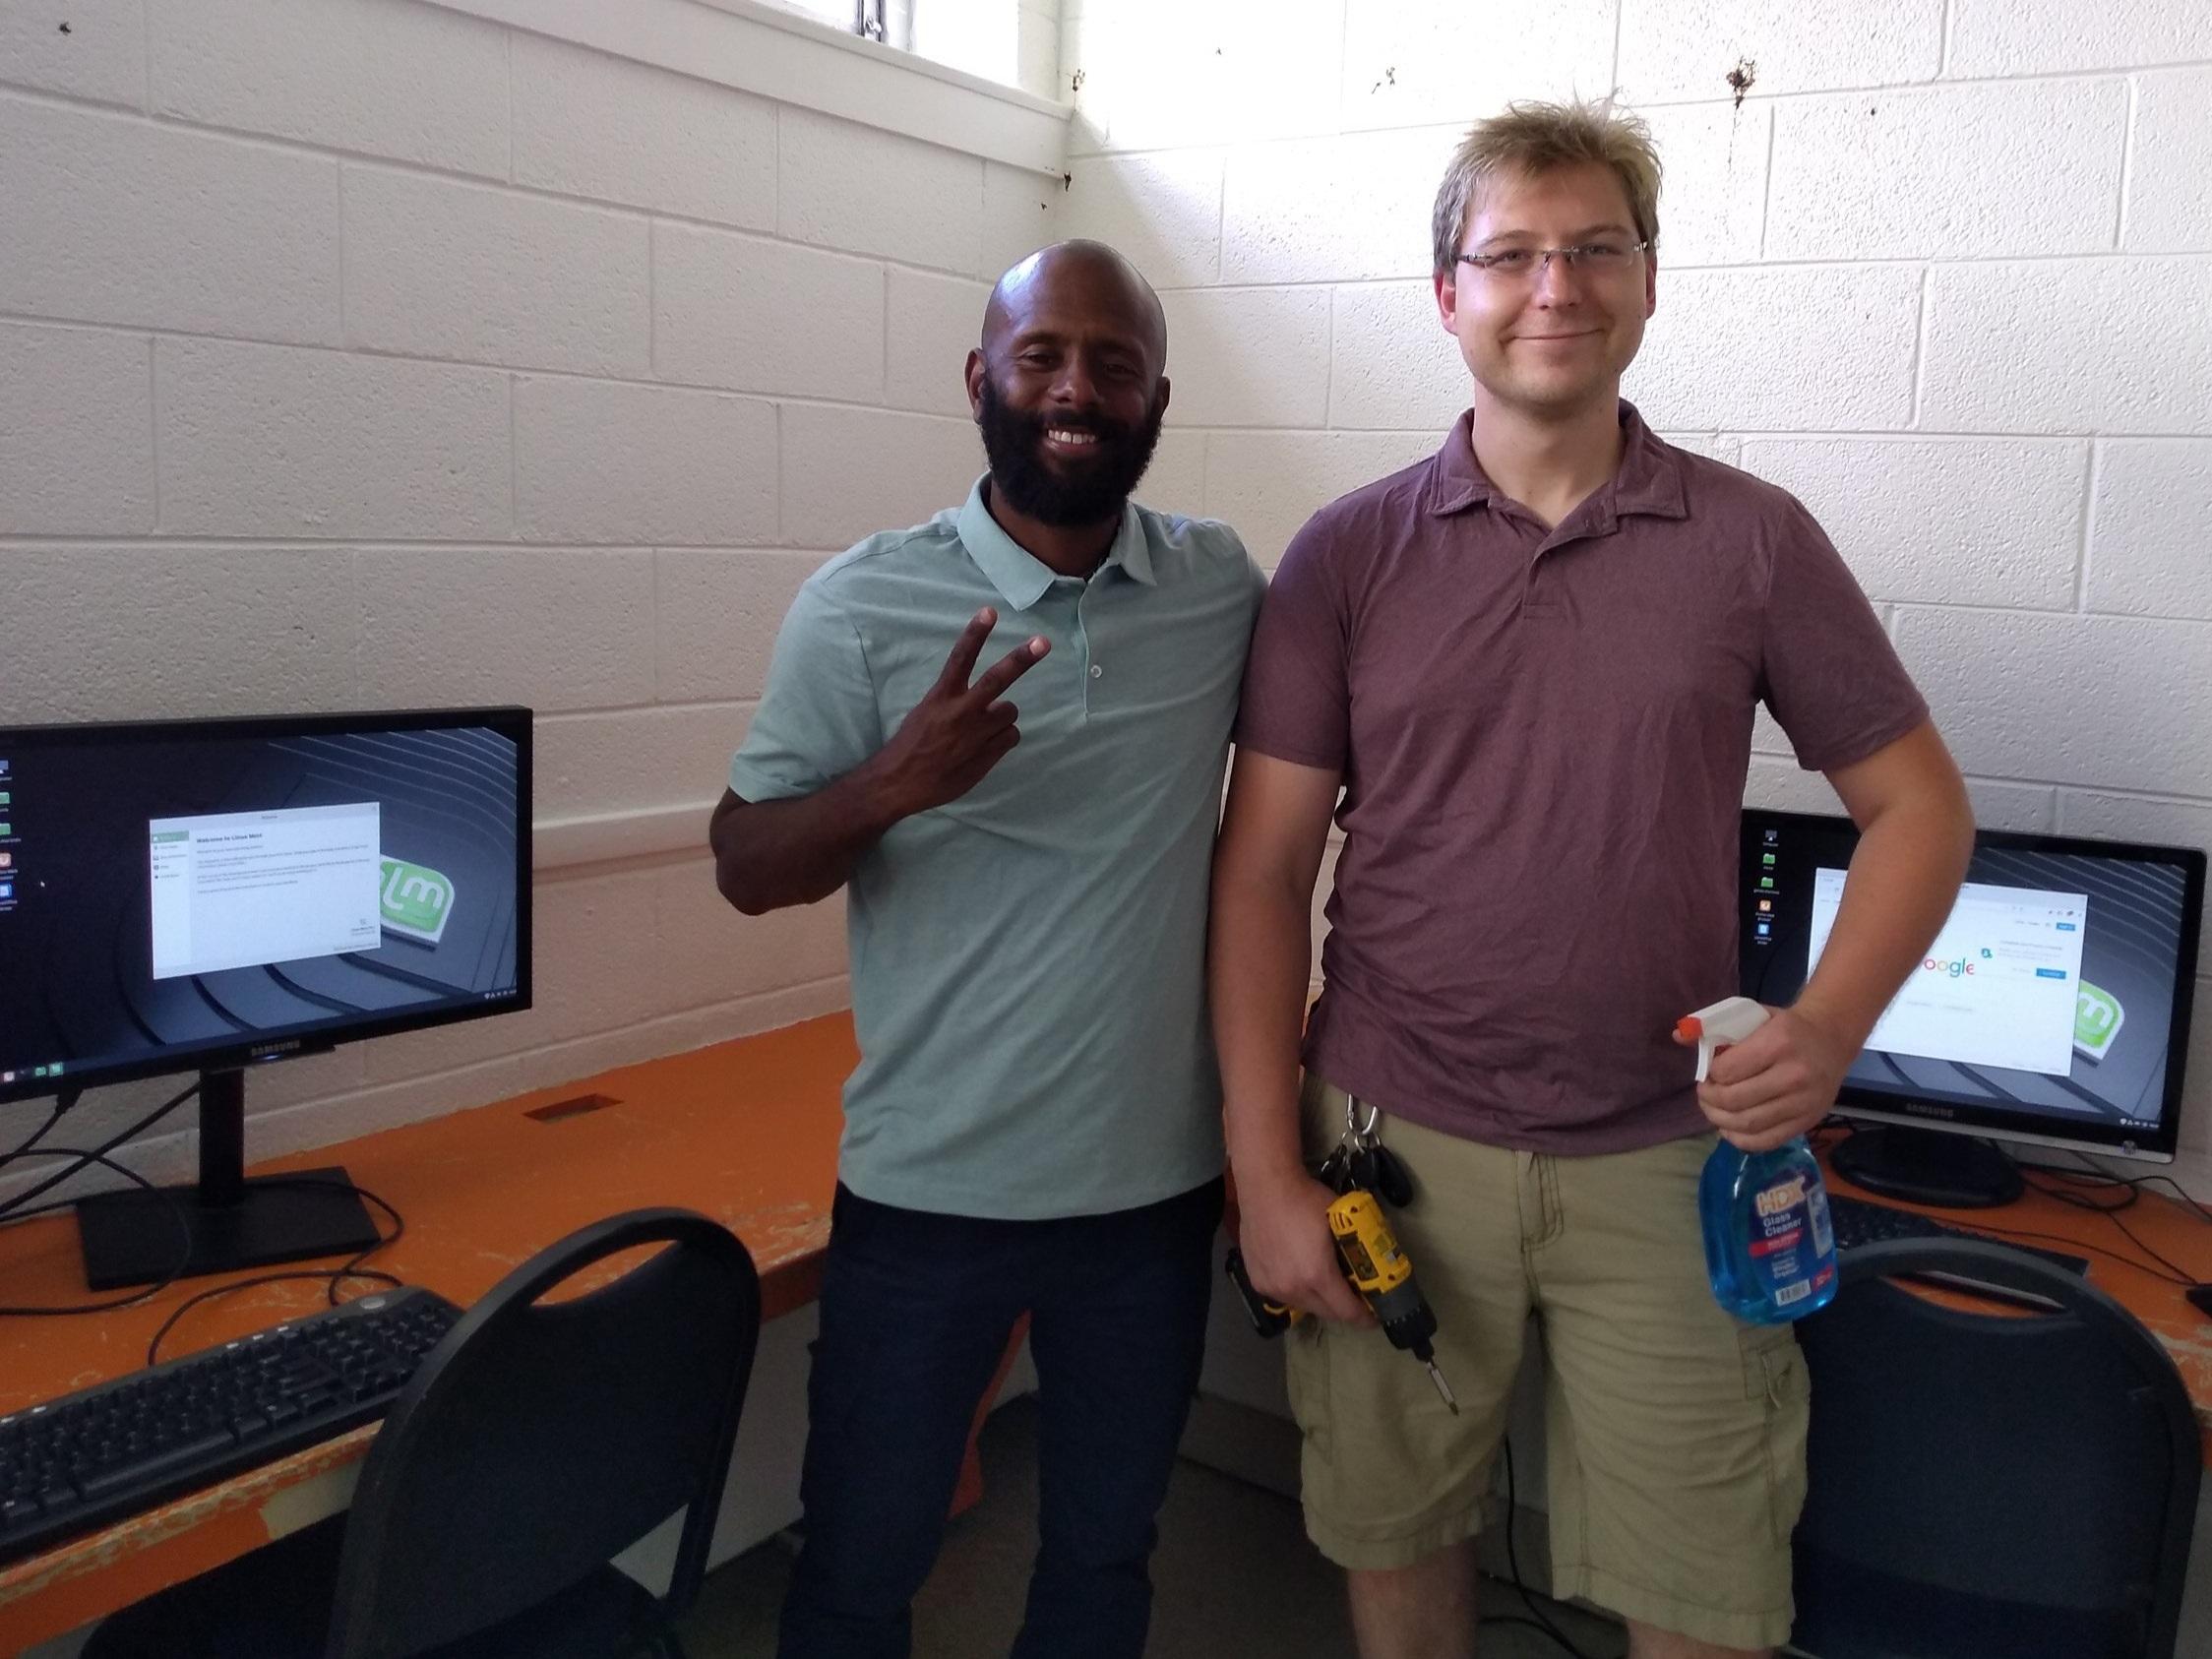 Josh+and+Oleg.jpg